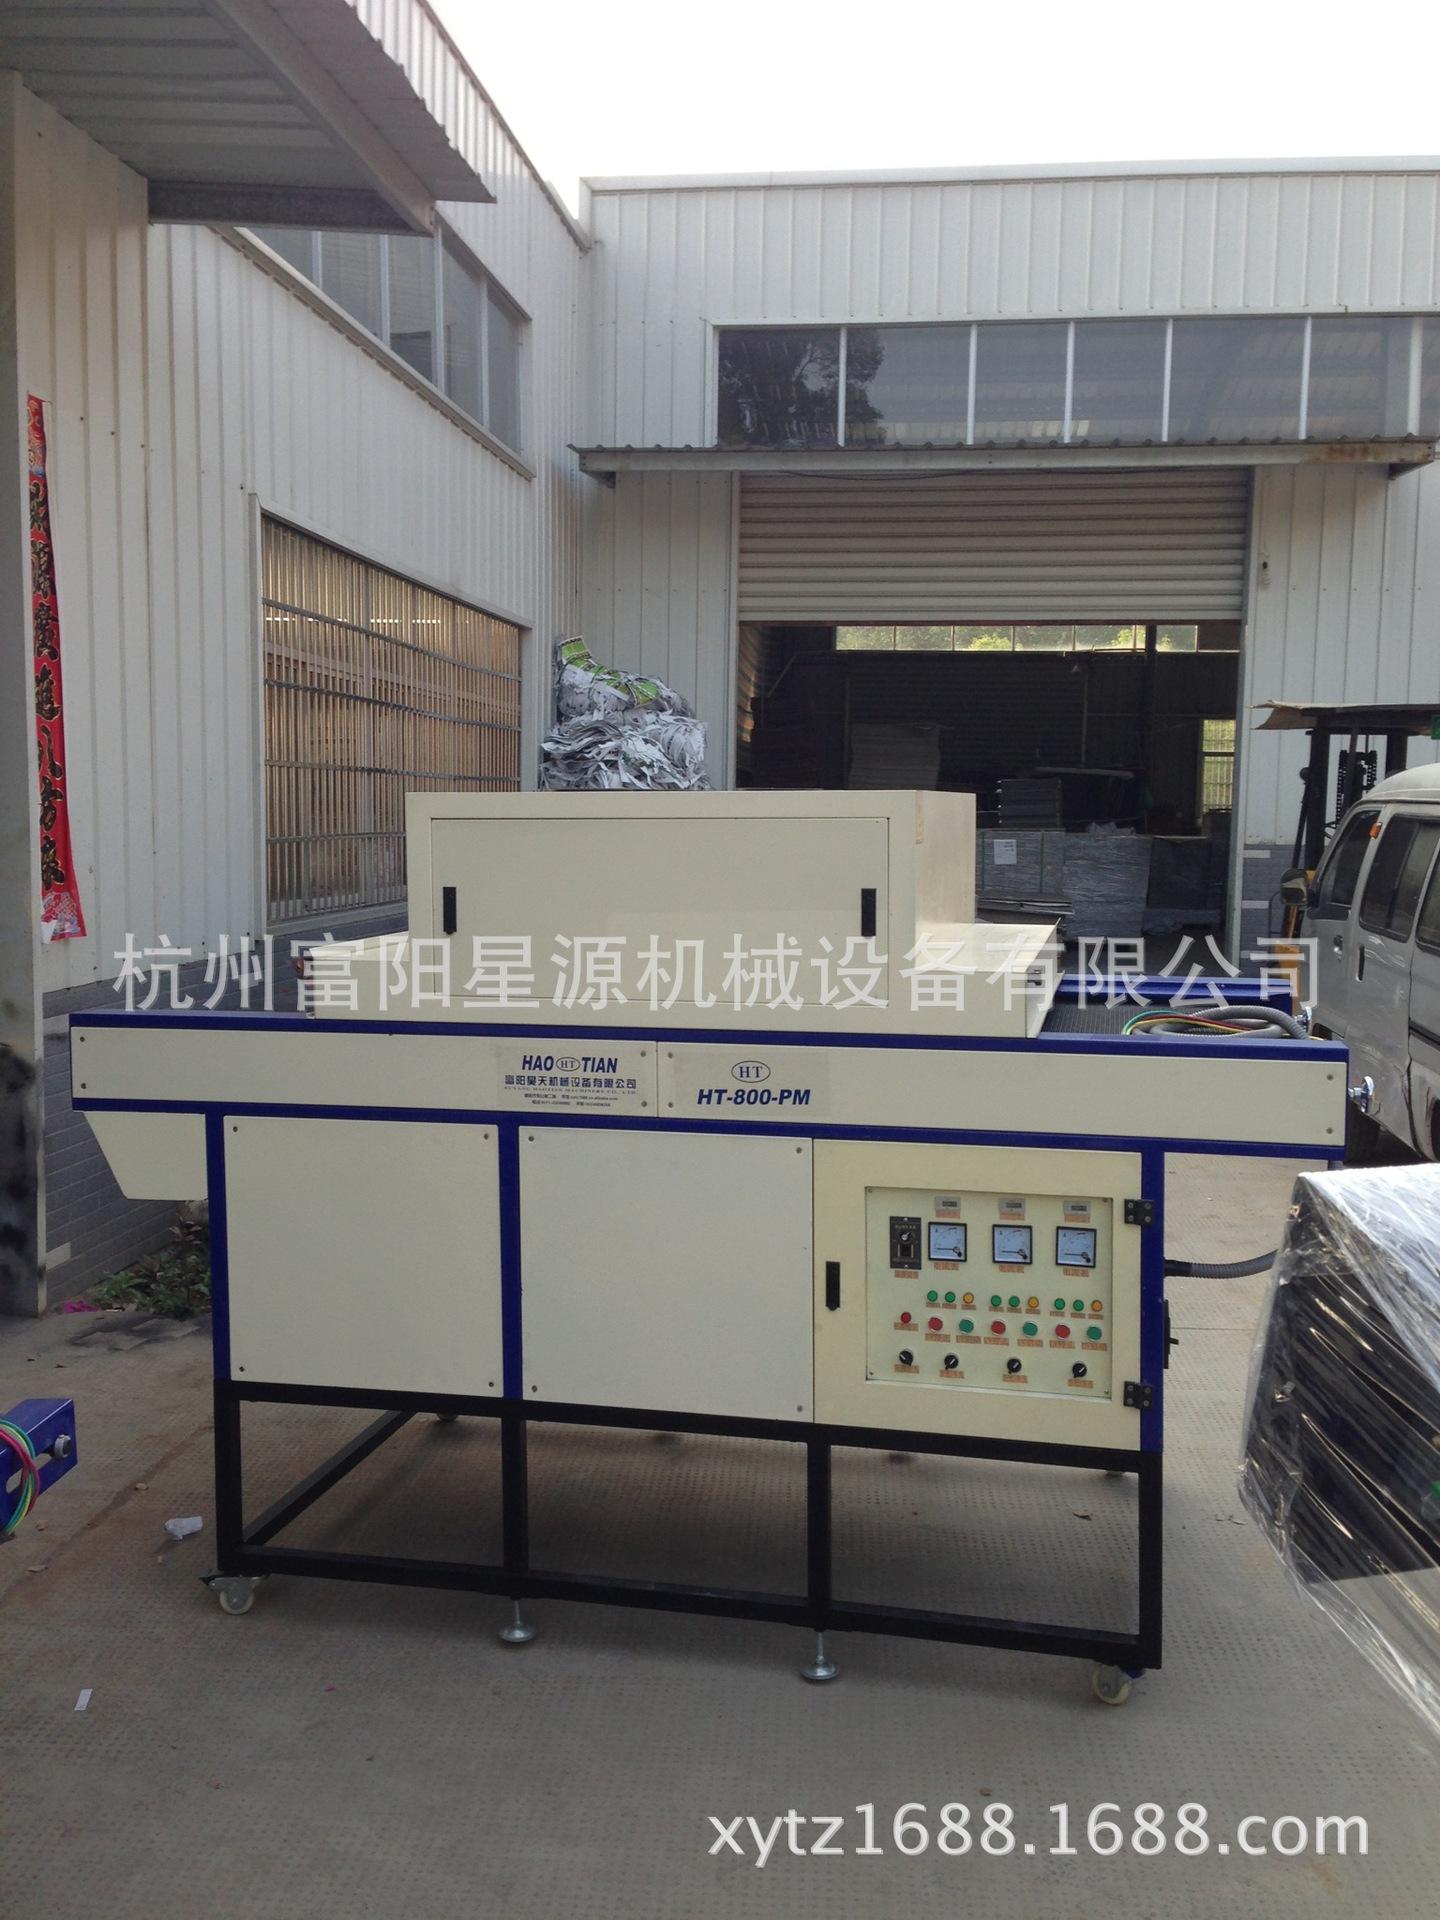 杭州流水线_厂家直销供应uv光固化流水线紫外线固化机丝印油墨uv